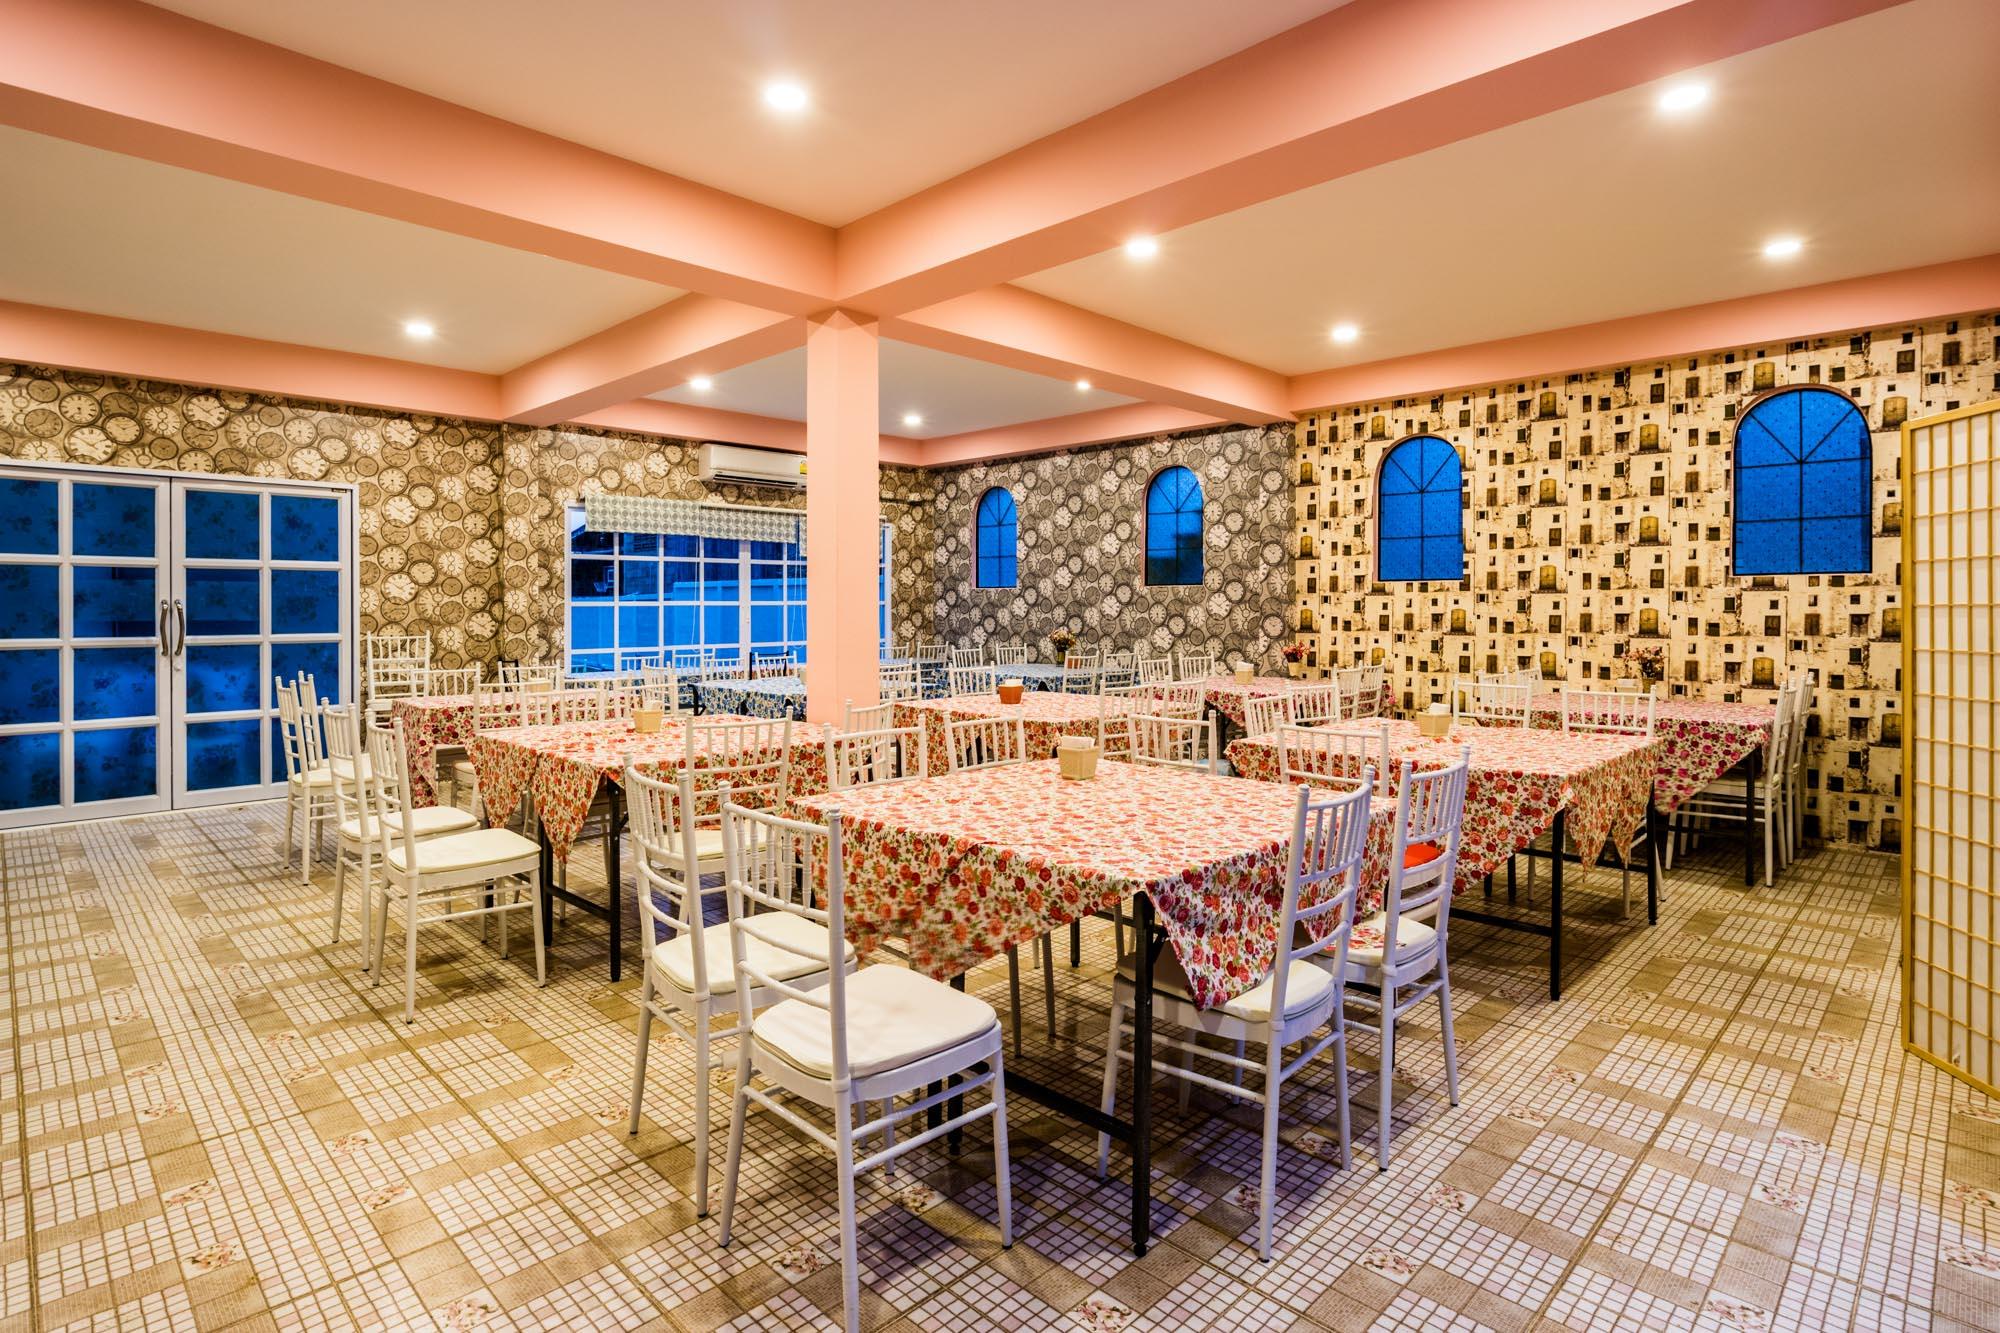 โรงแรม อาคารถนอม ณ บ้านแม่ รีสอร์ท ลำปาง  ณ บ้านแม่ รีสอร์ท Nabaanmae resort ลำปาง งามสไตล์ยุโรป IMG 3885